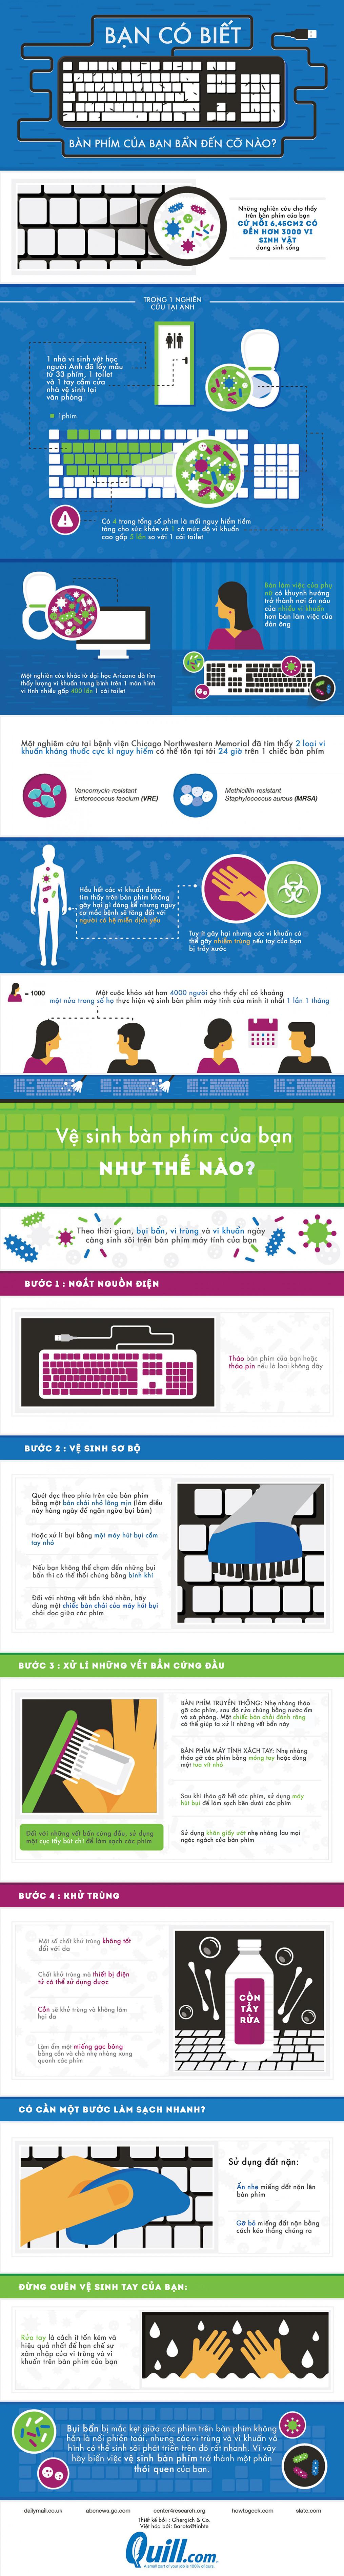 infographic ban phim may tinh